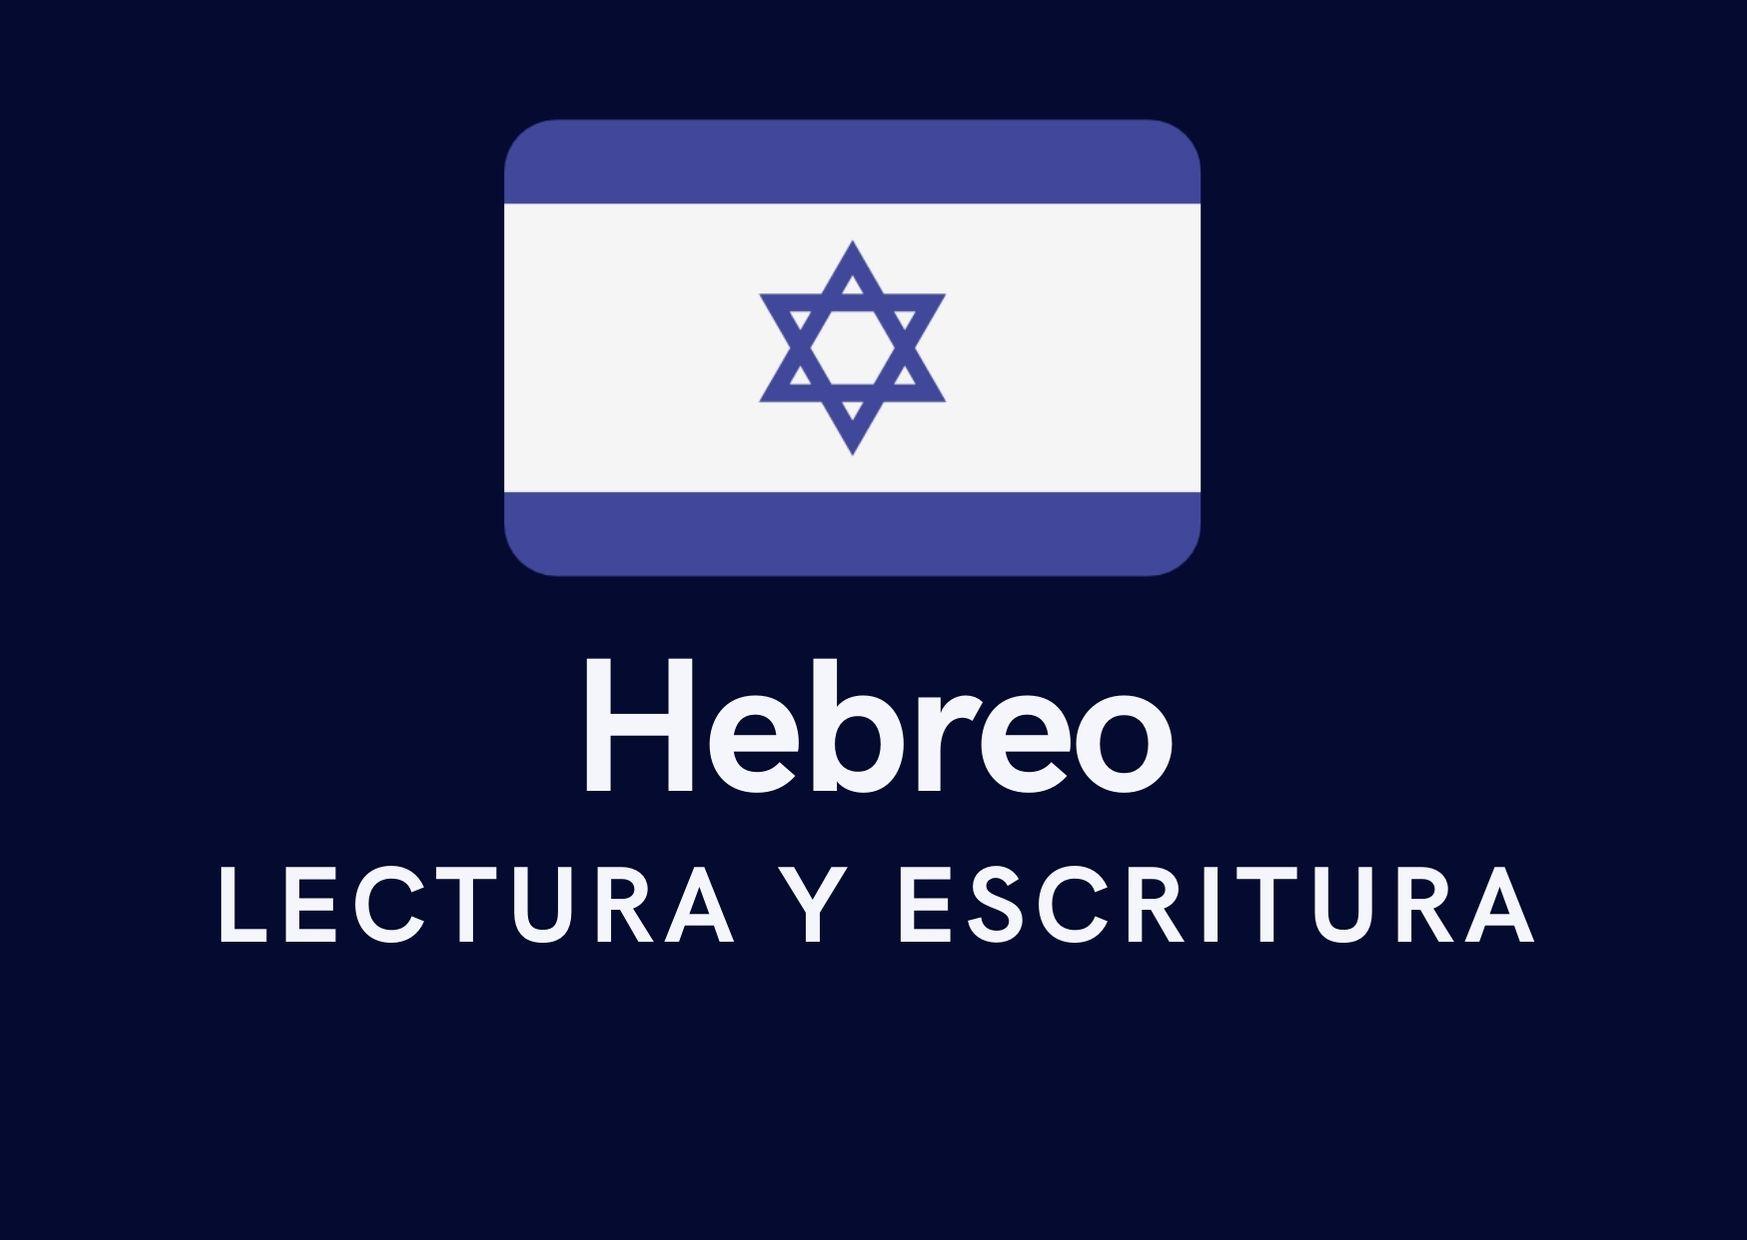 Course Image Hebreo Lectura y Escritura